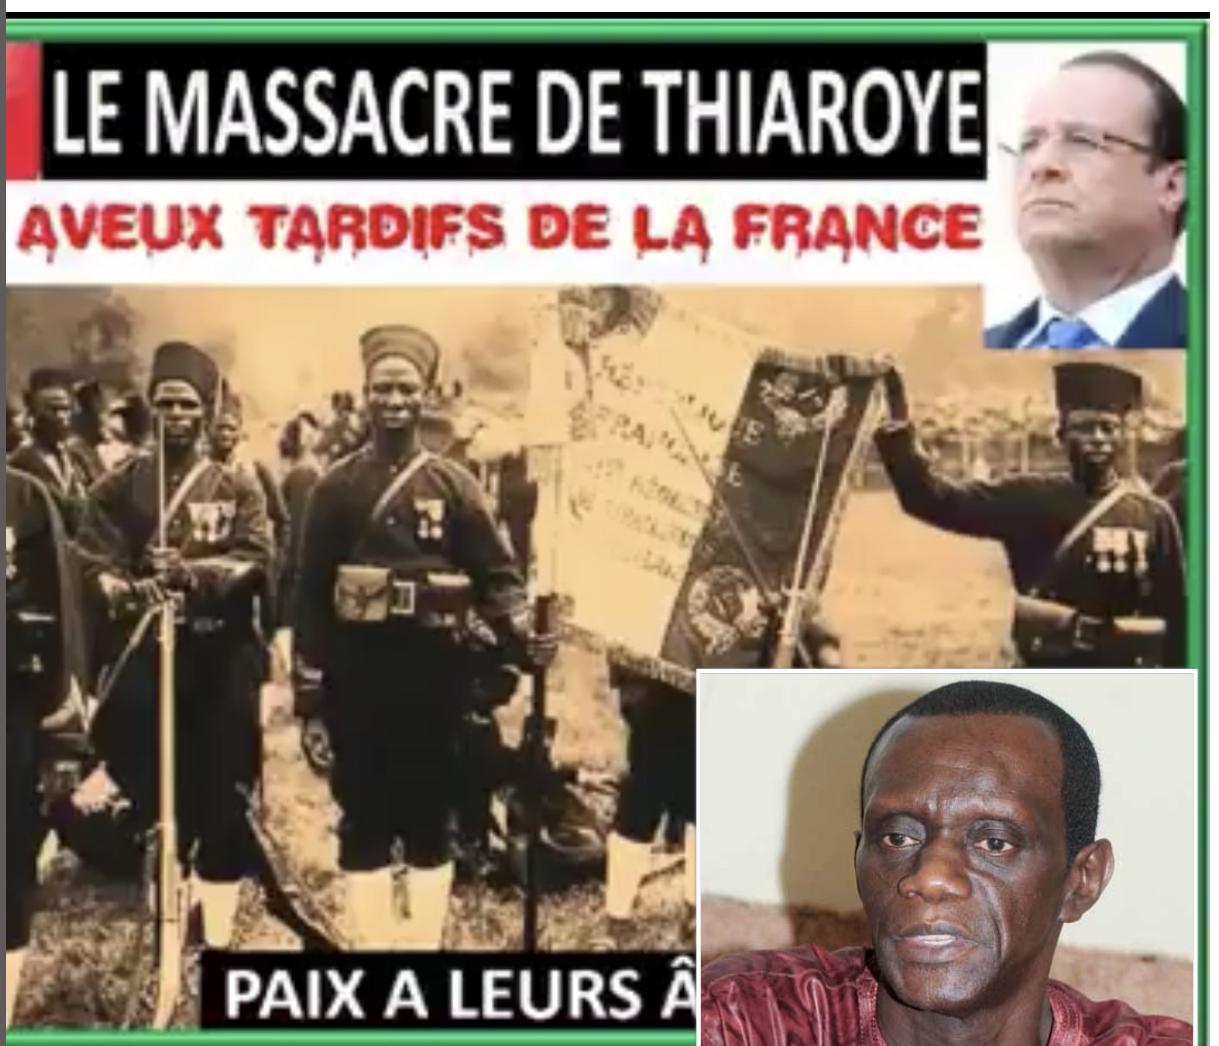 OPINION / MASSACRE DU CAMP DE THIAROYE - 1e DEC 1944: Les aveux tardifs de la France ! (Par Mame Mactar Guèye JAMRA)